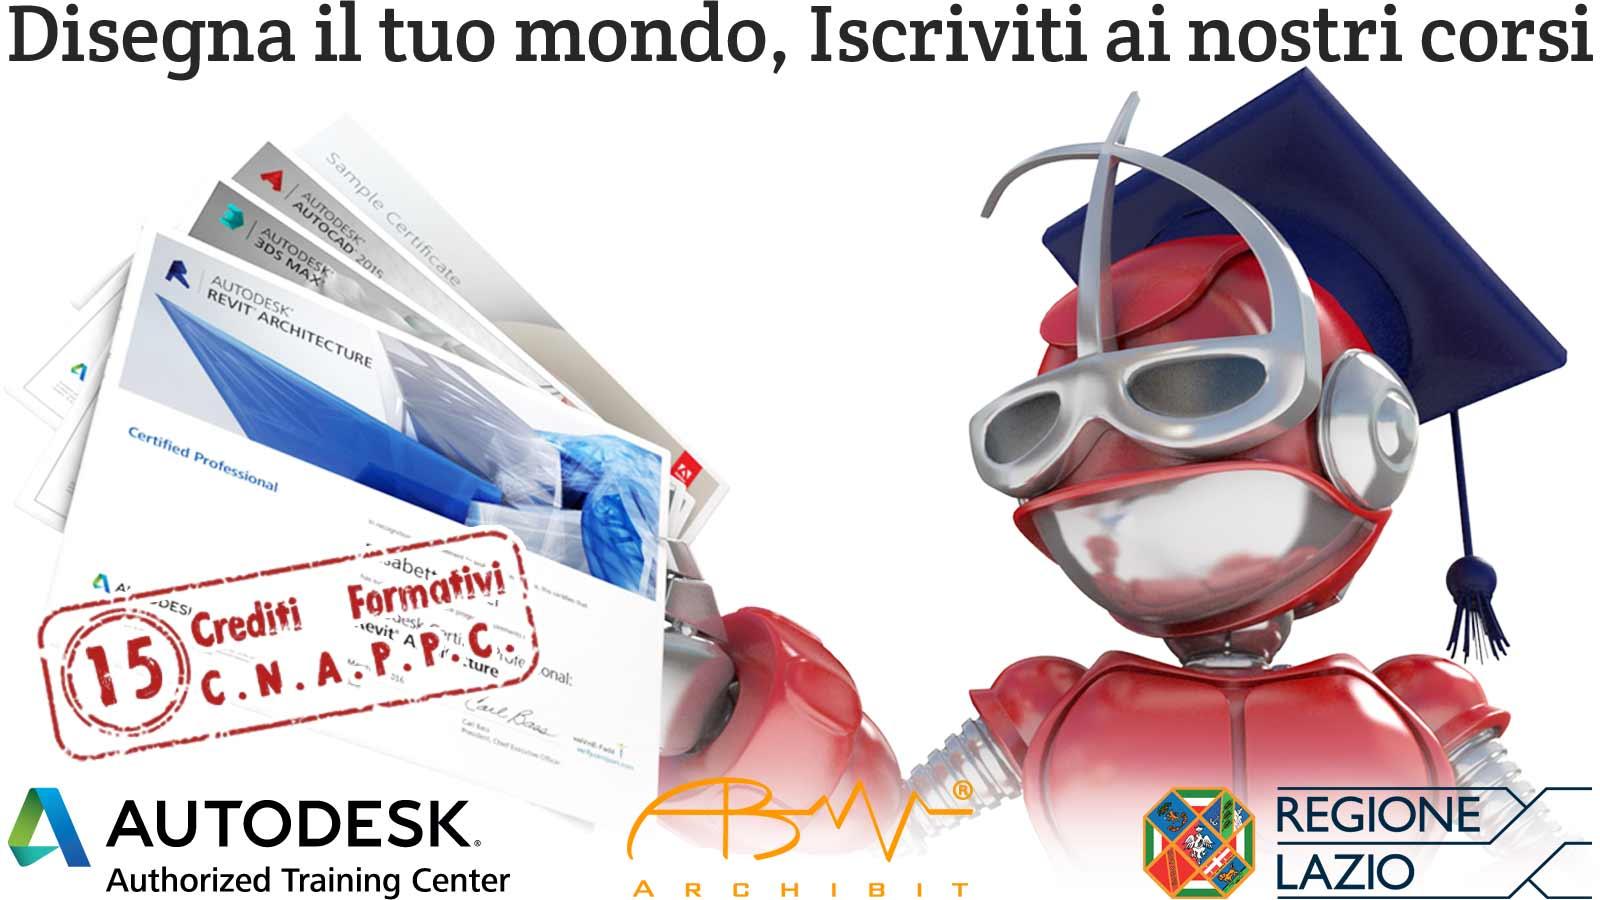 grafica-corso-disegnatore-cad-qualifica-professionale-tecnico-del-disegno-edile-regione-lazio-certificazioni-adobe-autodesk-professional-cad-revit-photoshop-archibit-corsi-roma